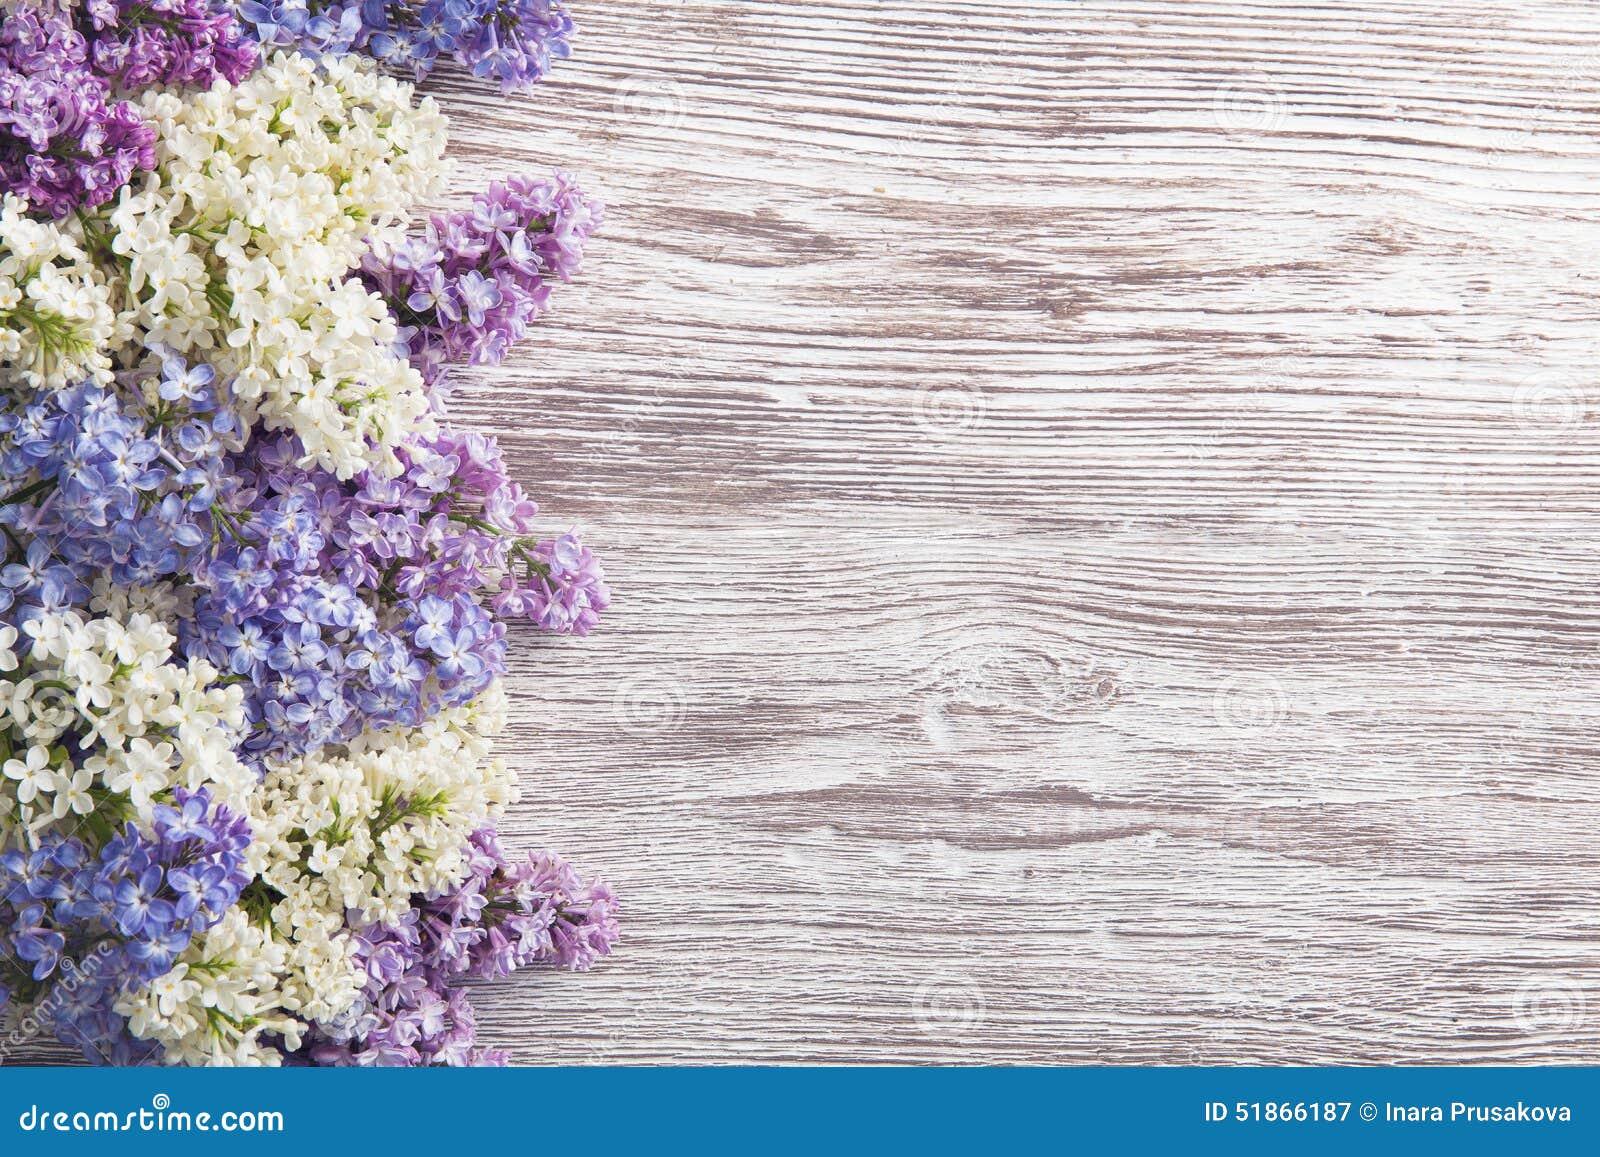 Flieder blüht Blumenstrauß auf hölzernem Planken-Hintergrund, Frühlings-Purpur